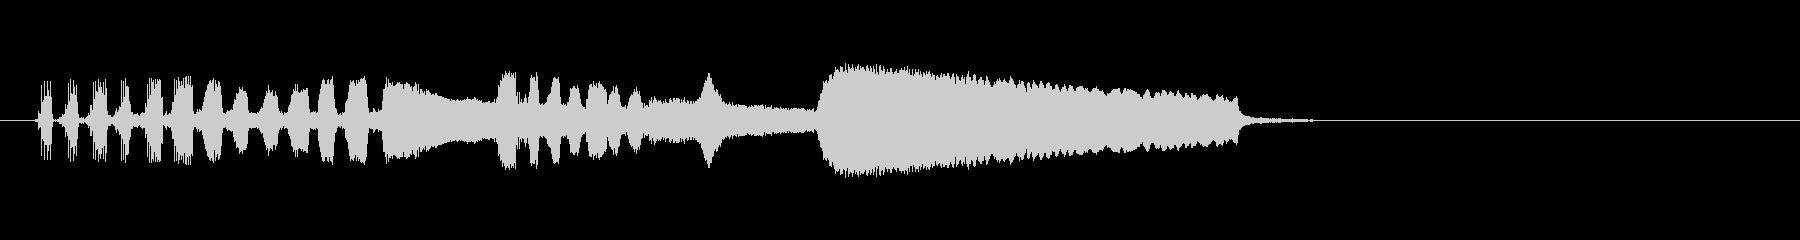 テーマ12B:トランペット、ウッド...の未再生の波形